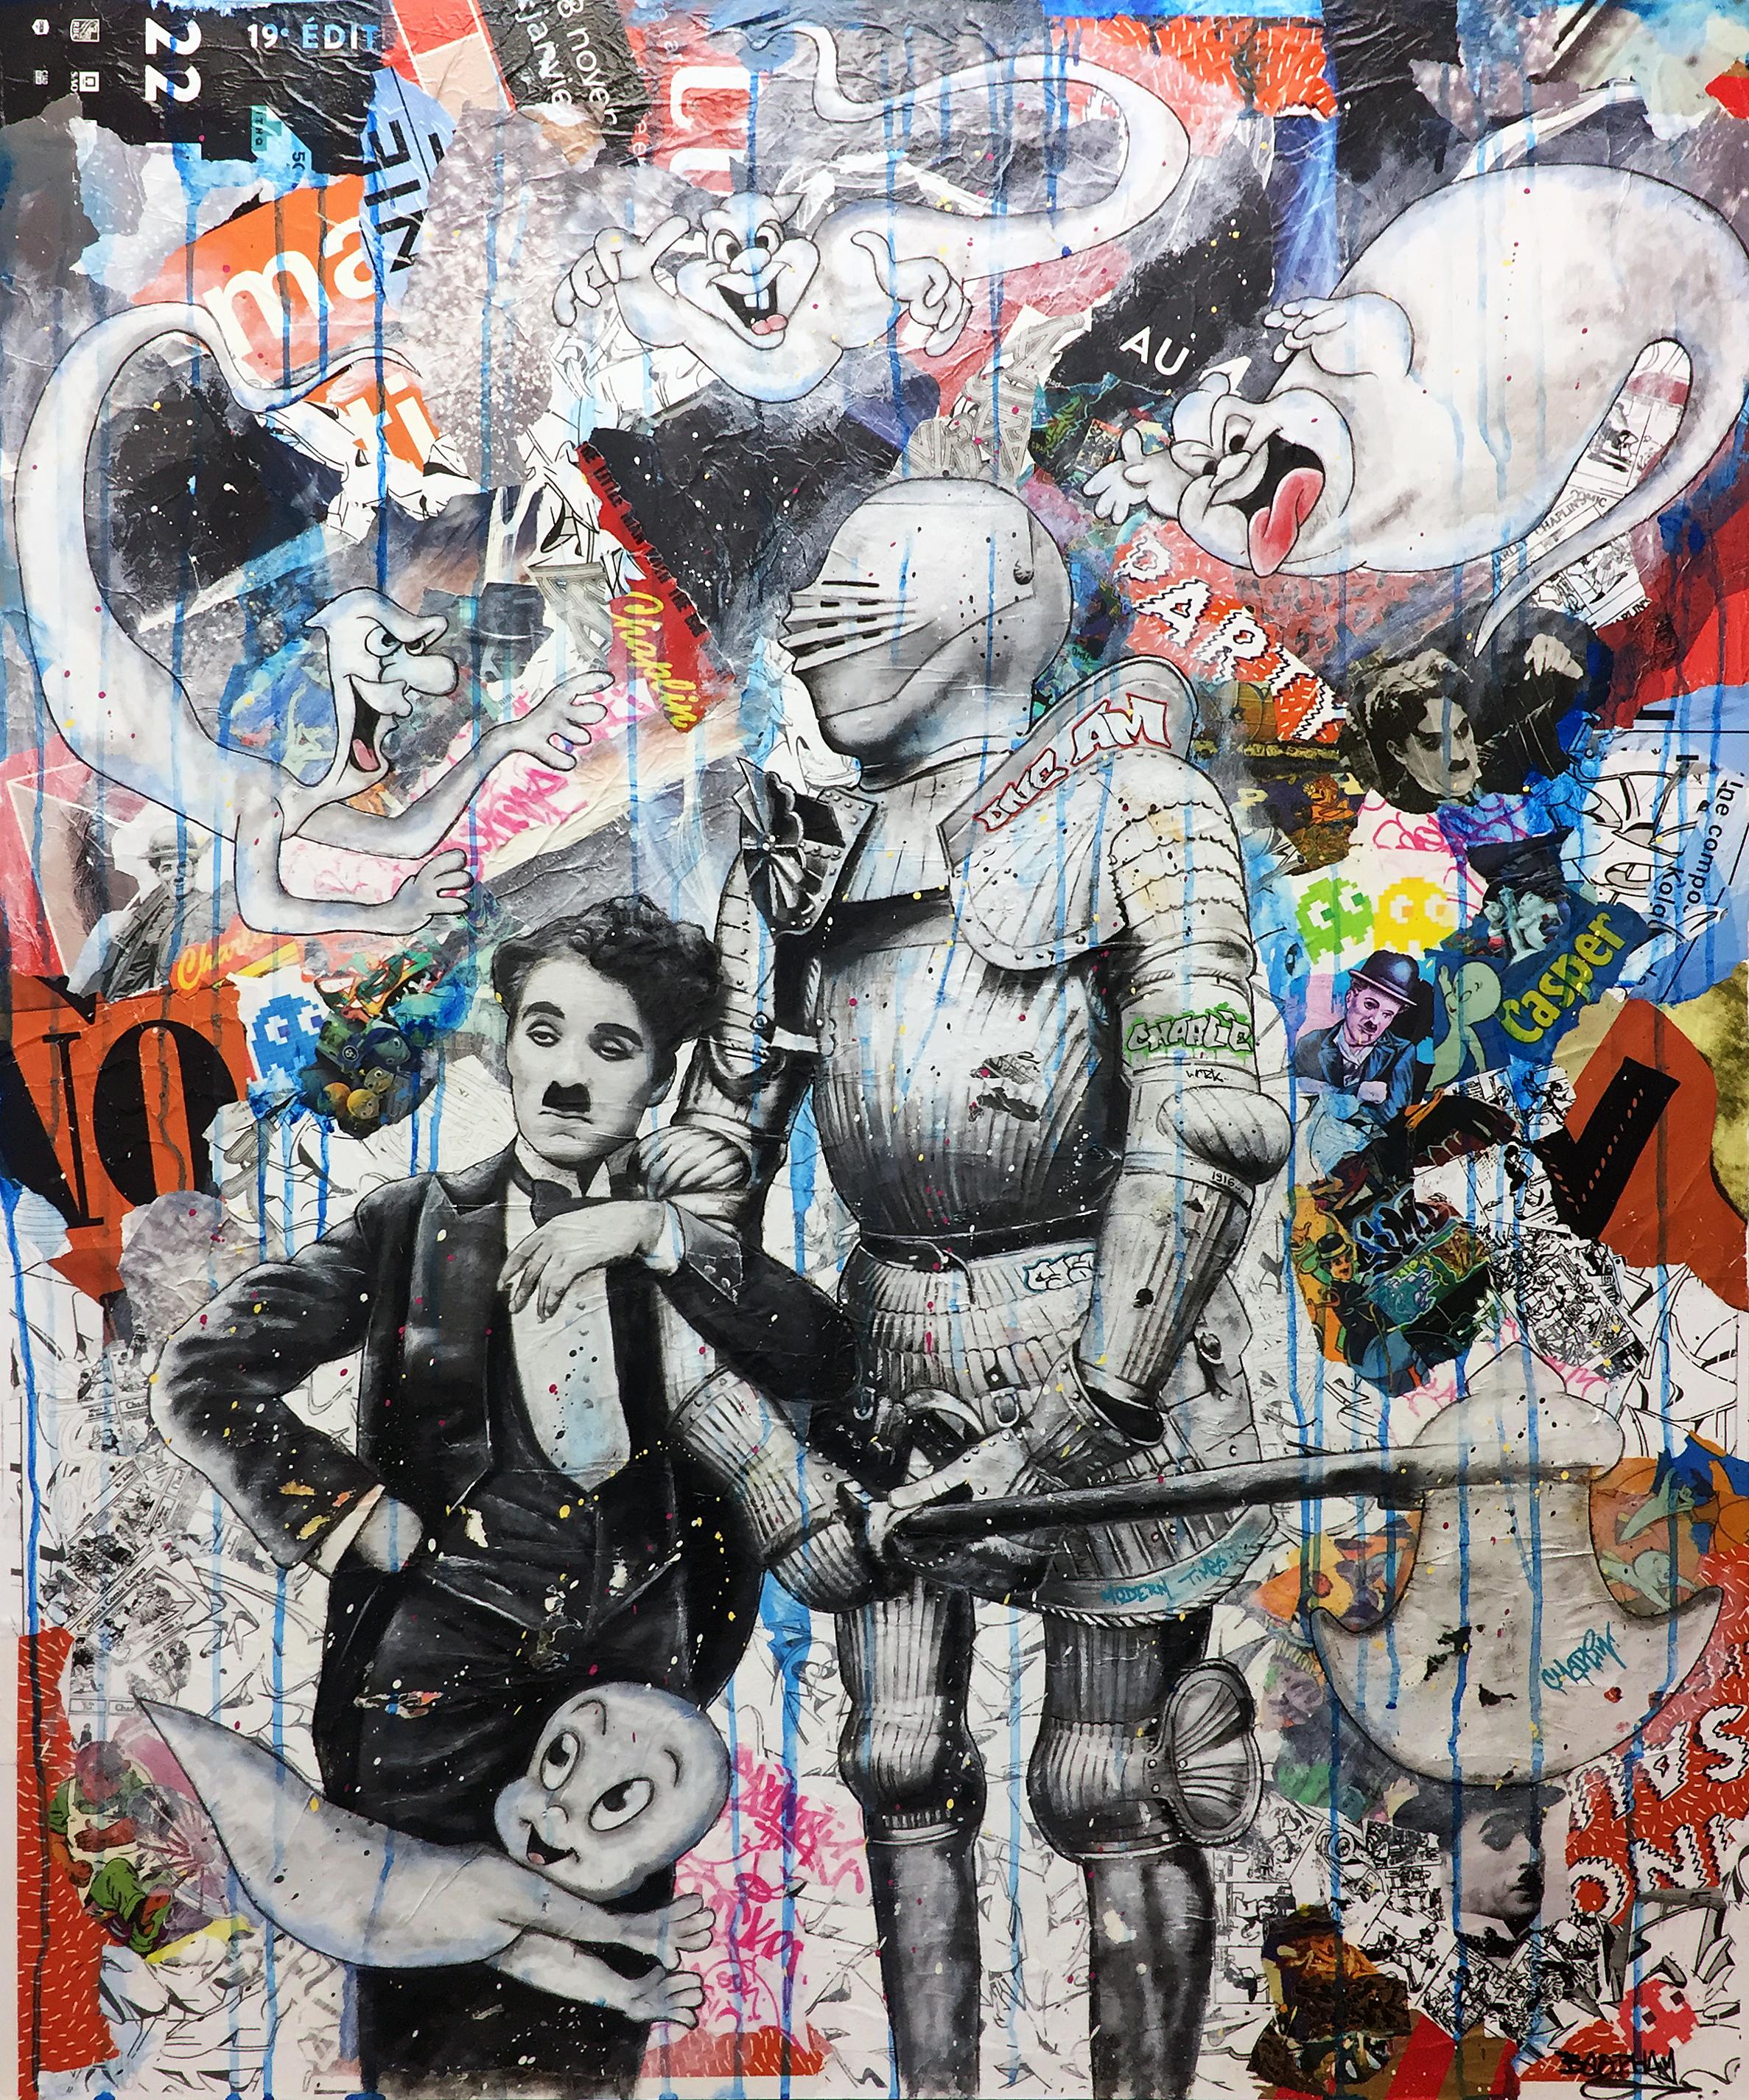 Chaplin in Sweet Dreams